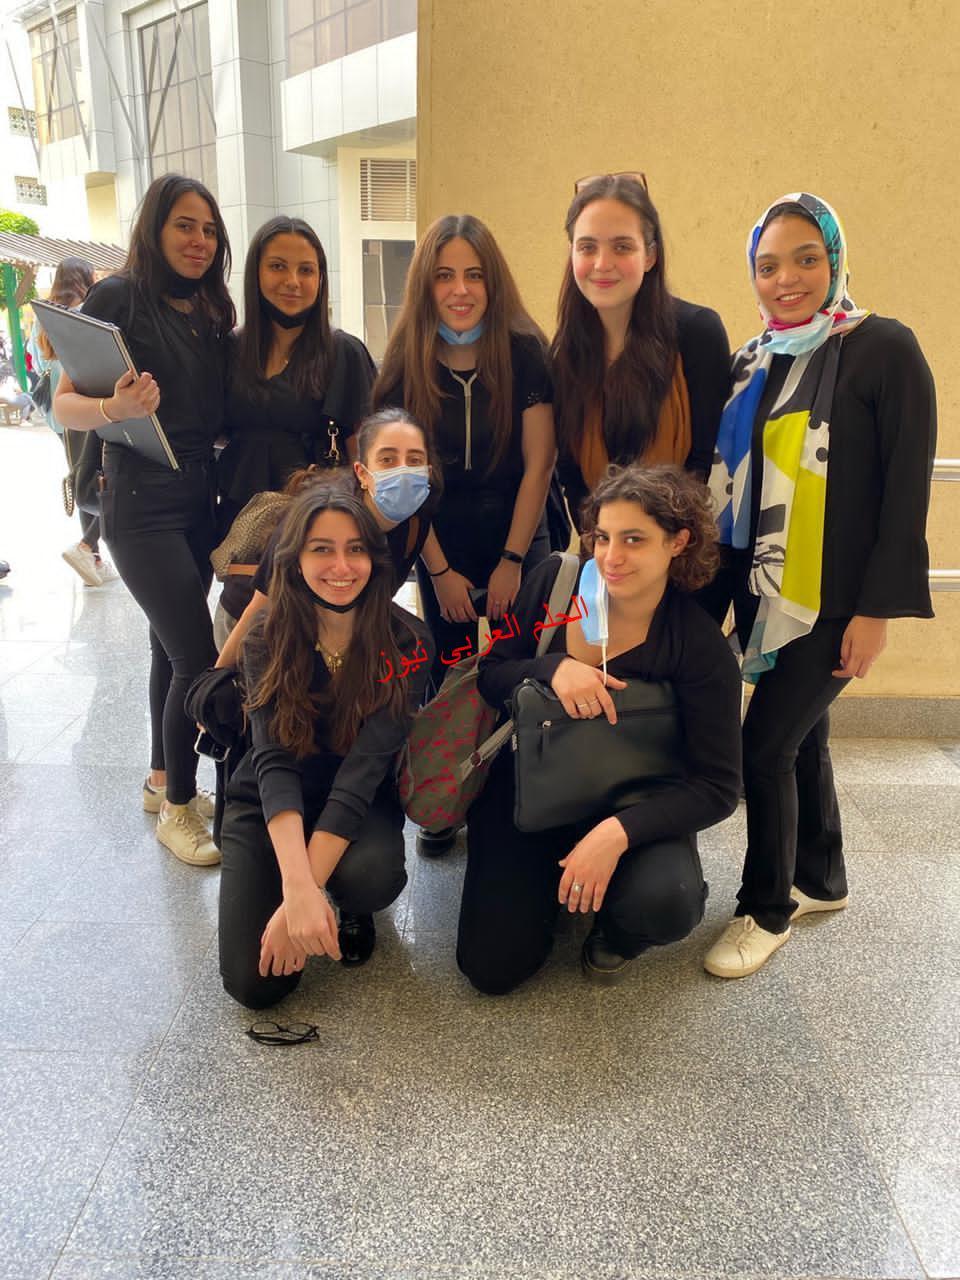 الأولى من نوعها في مصر طلاب جامعة مصر الدولية يطلقون حملة للتوعية عن ظاهرة شلل النوم.